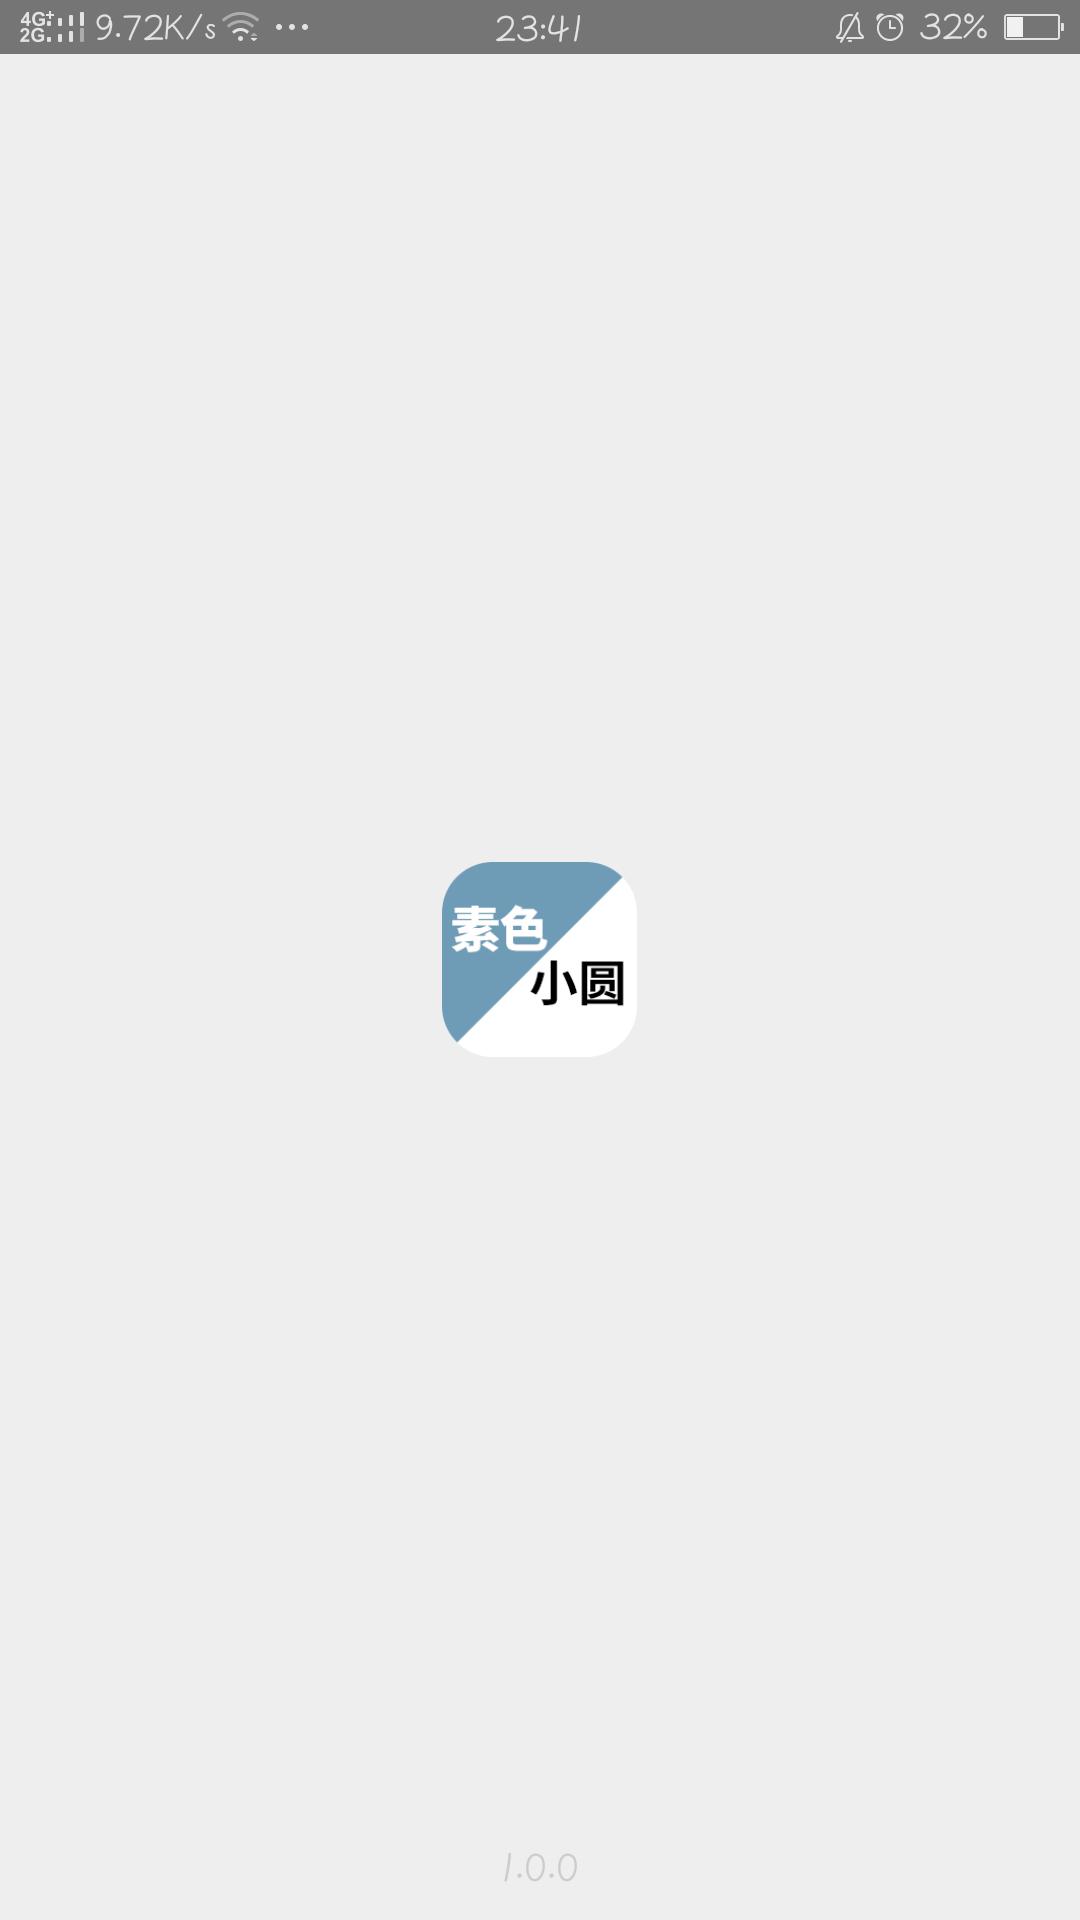 【分享】素色小圆 1.0.0